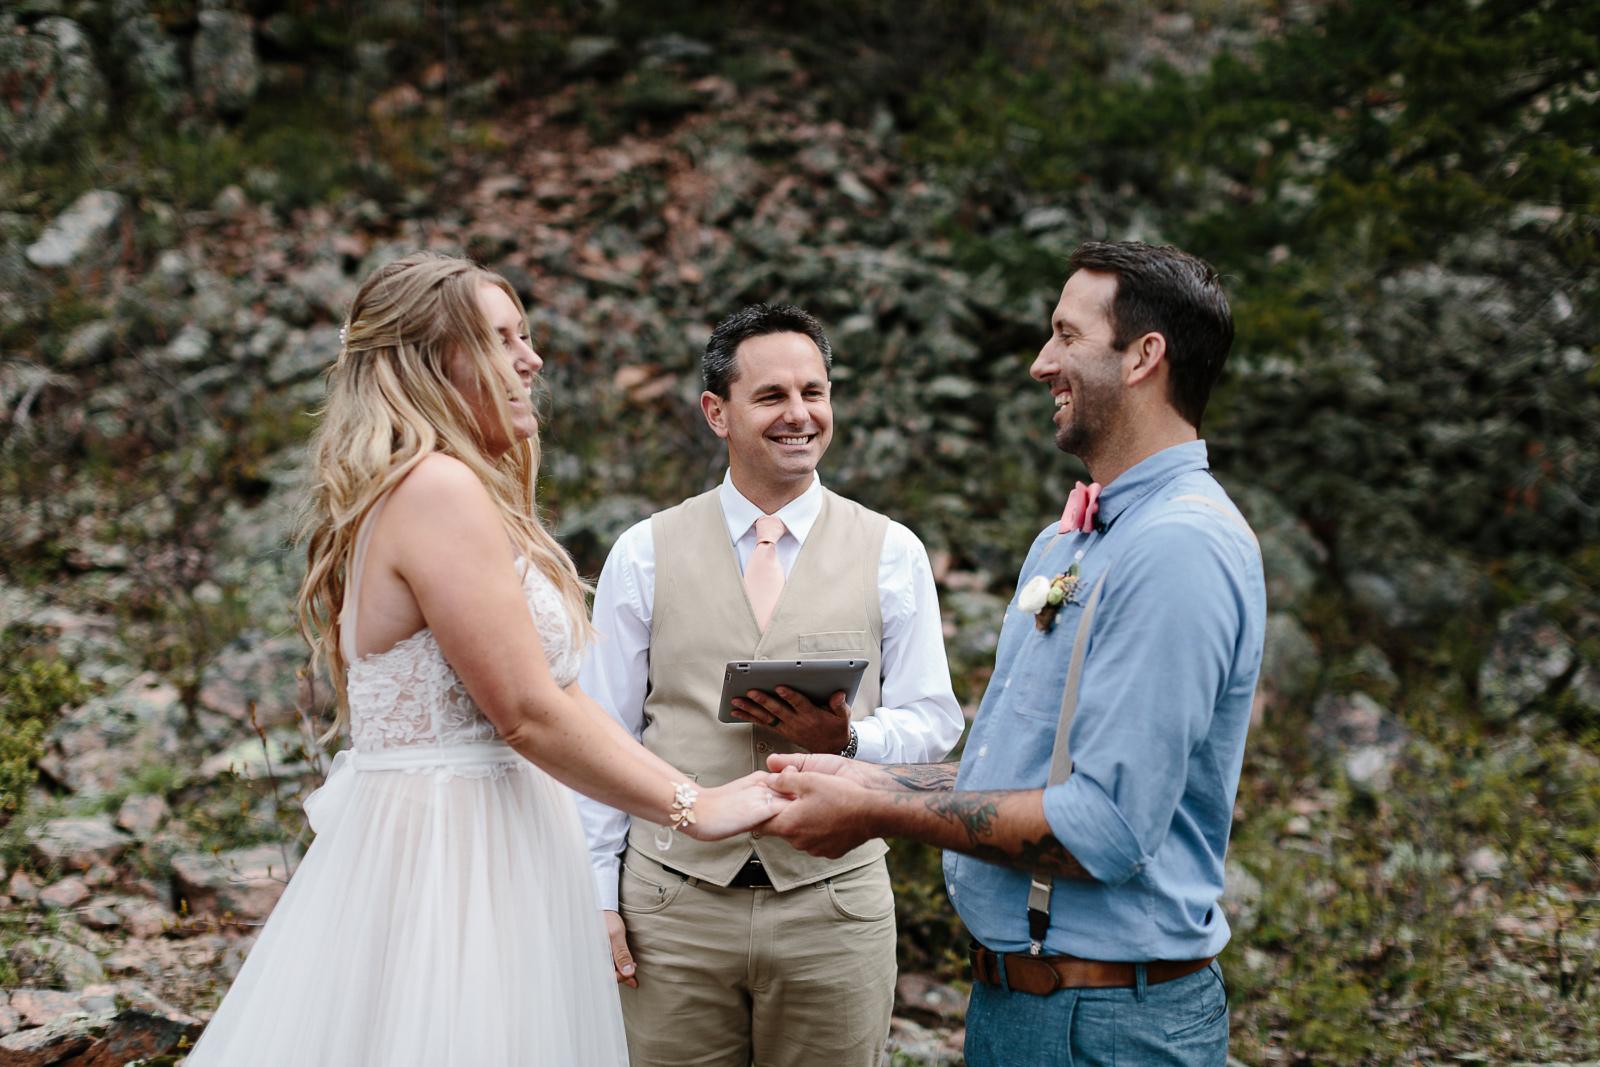 029-vail-elopement-photographer-chris-and-tara.jpg